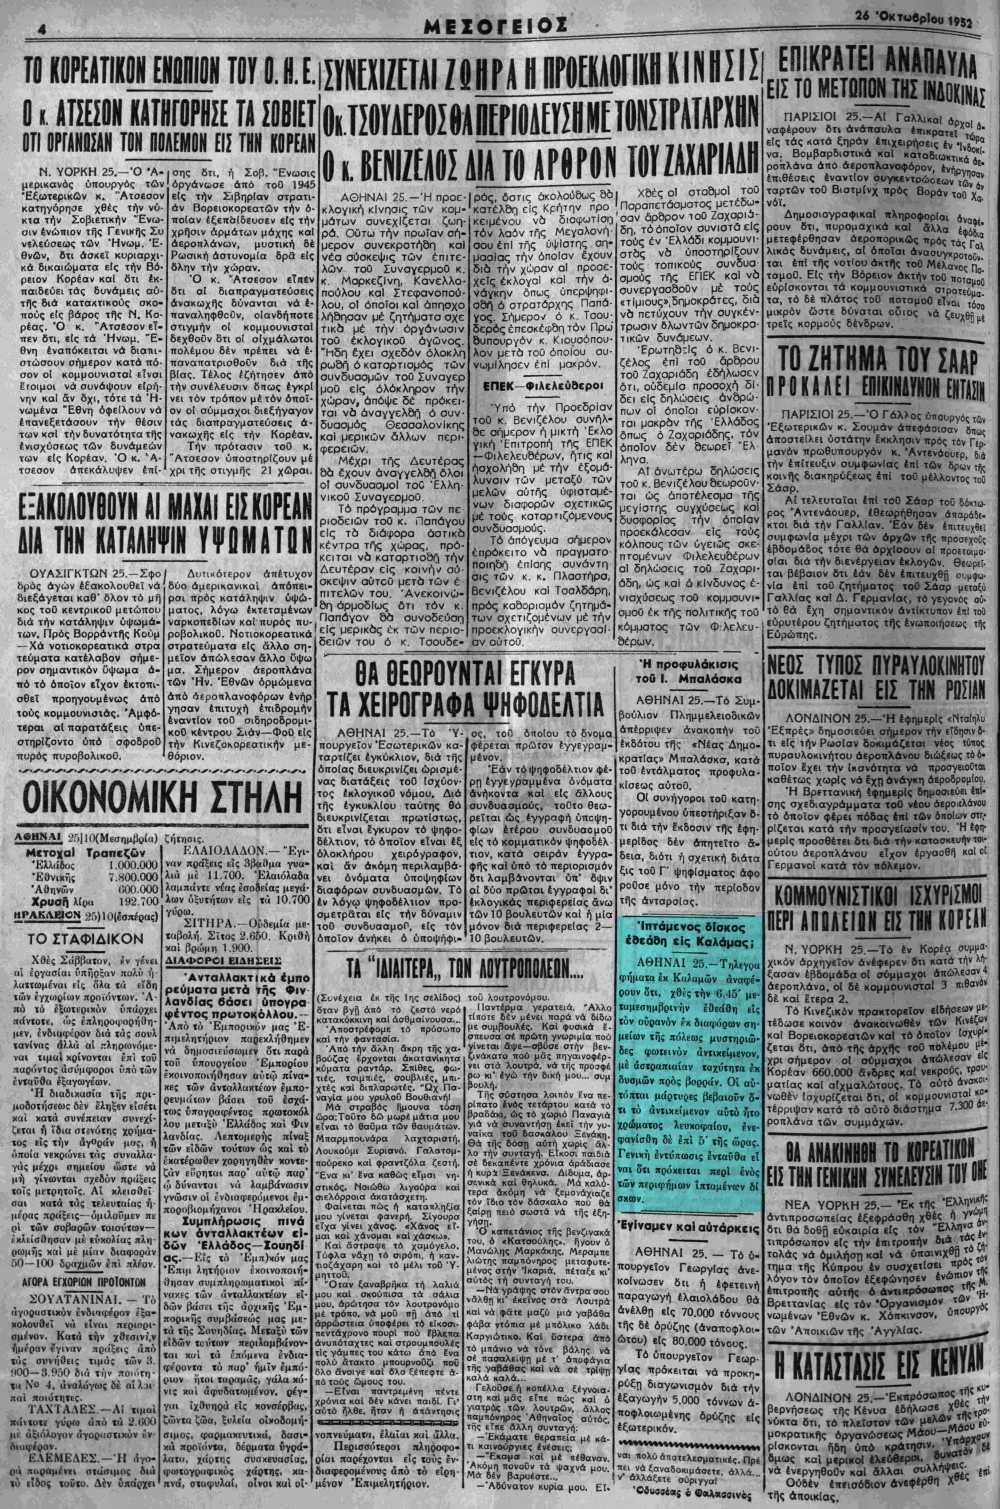 """Το άρθρο, όπως δημοσιεύθηκε στην εφημερίδα """"ΜΕΣΟΓΕΙΟΣ"""", στις 26/10/1952"""